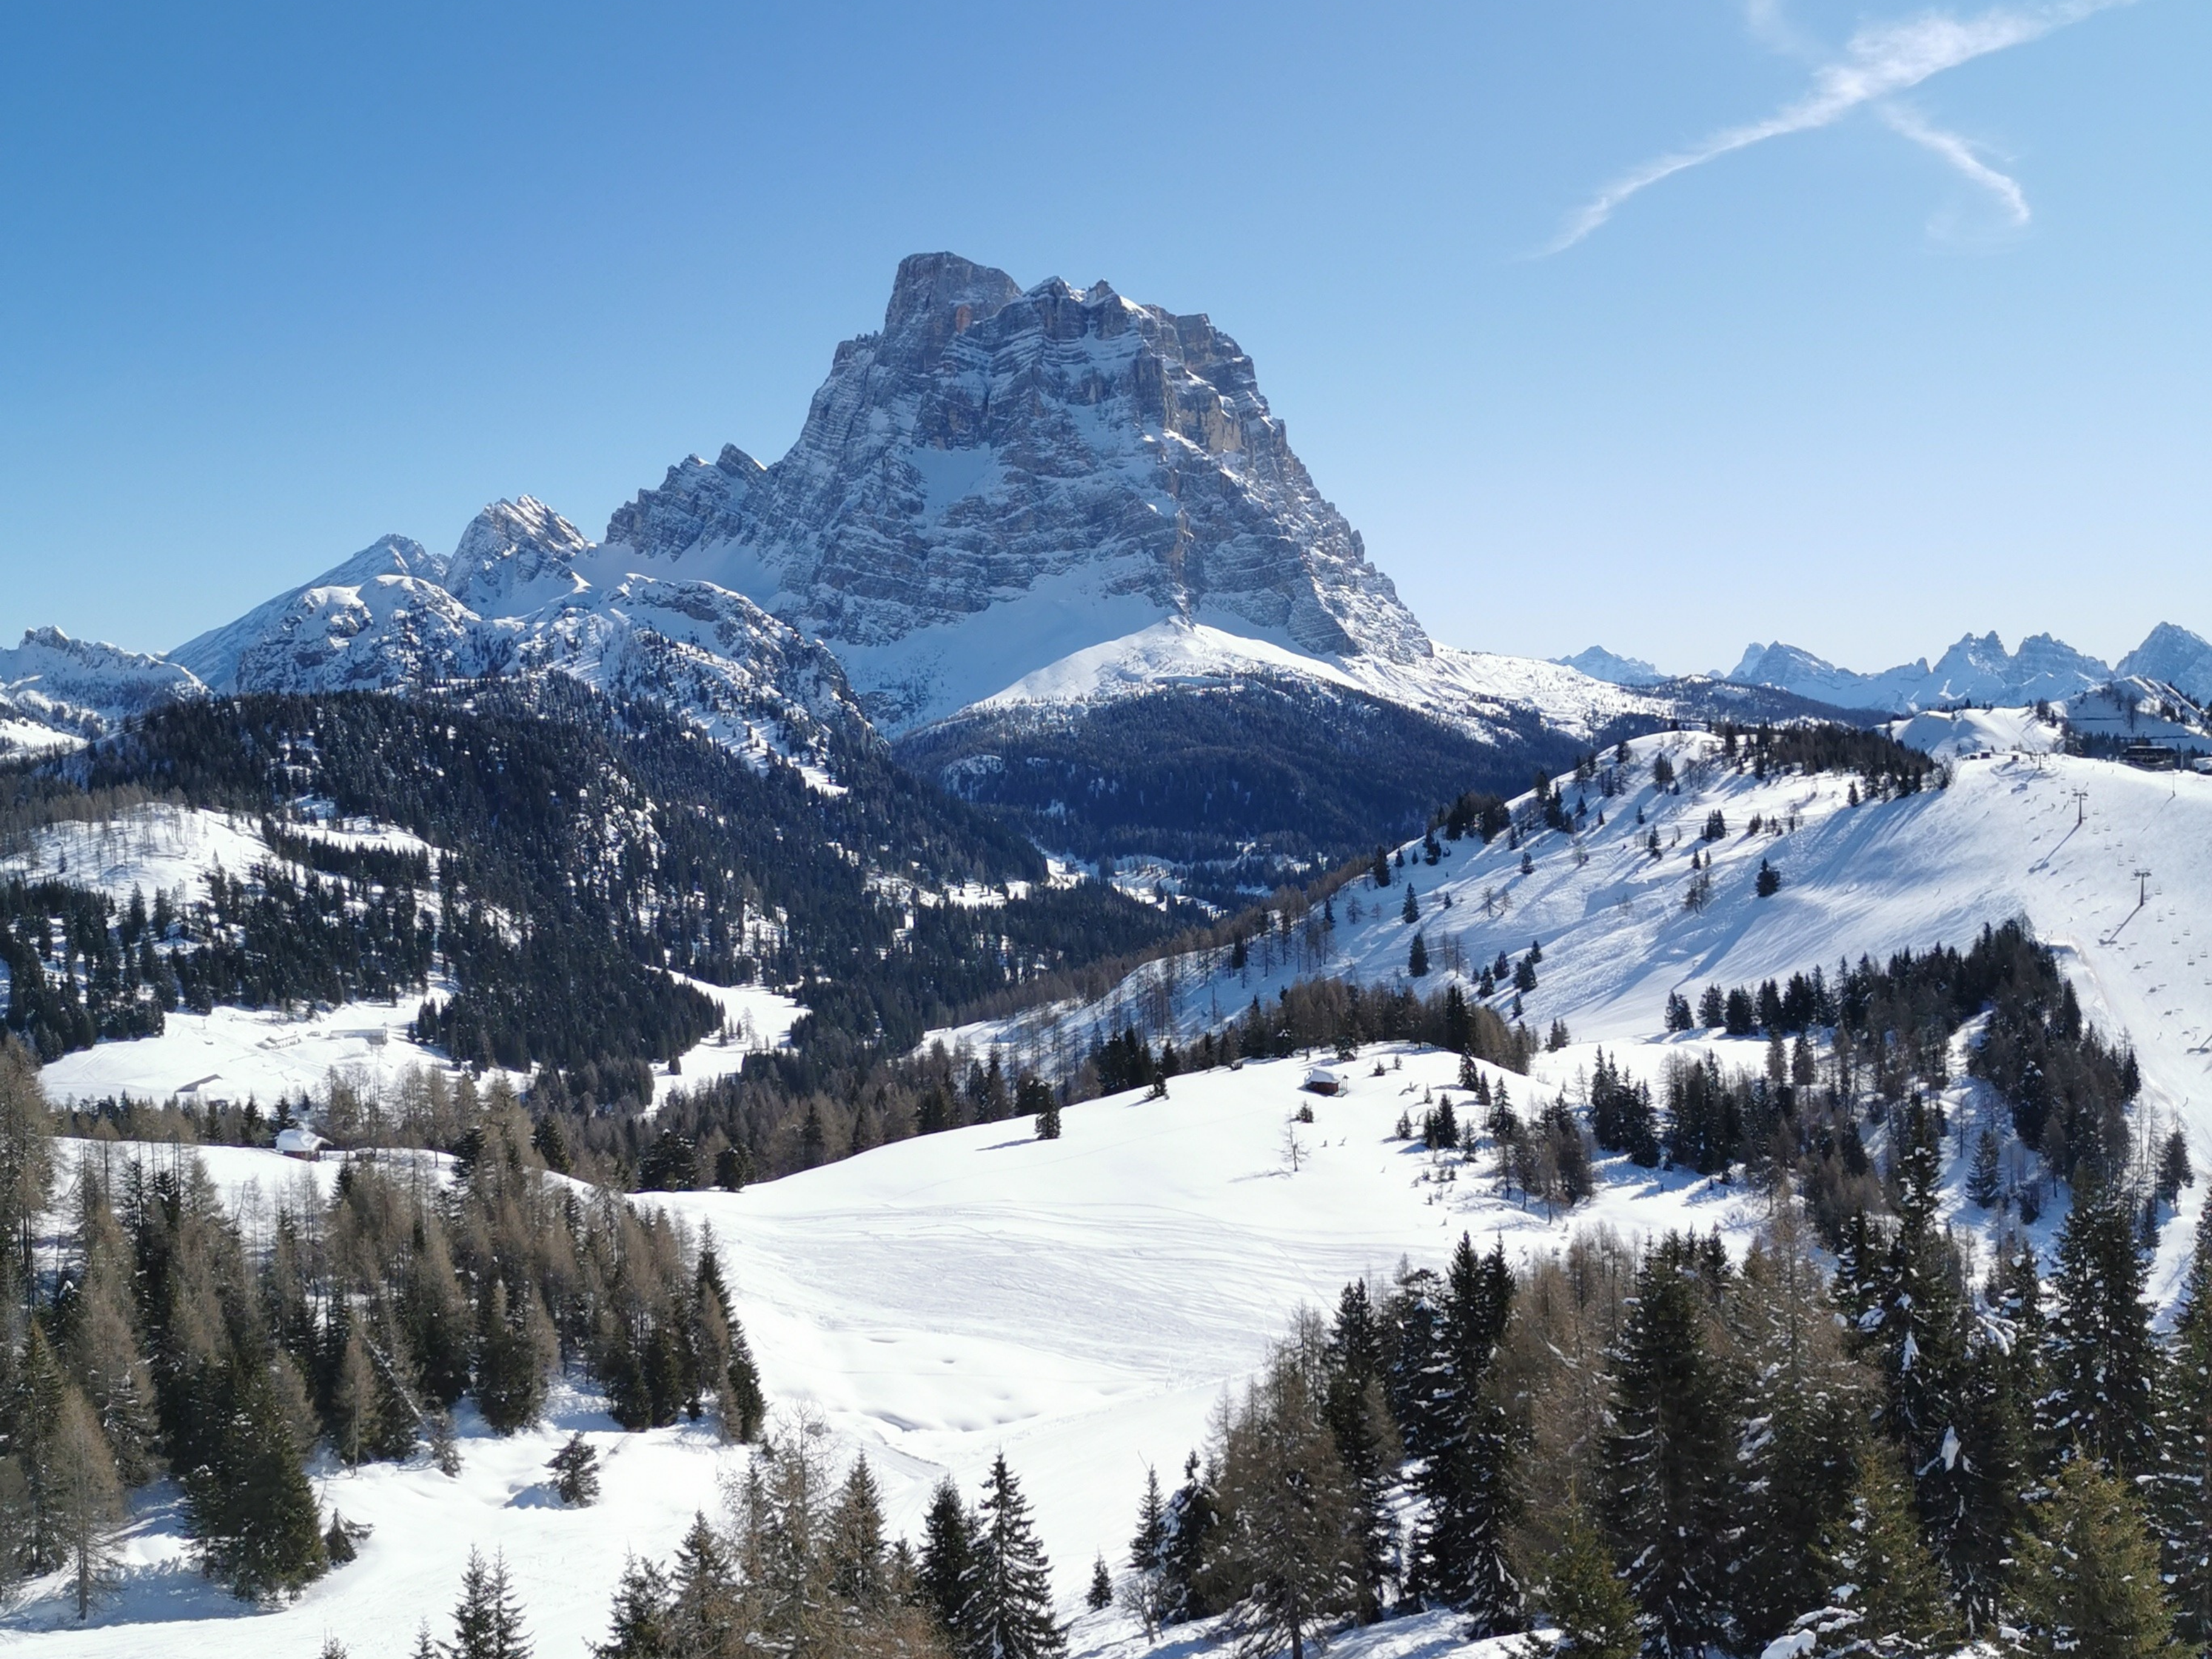 Con gli sci d'alpinismo ad Alleghe guardando il Monte Pelmo